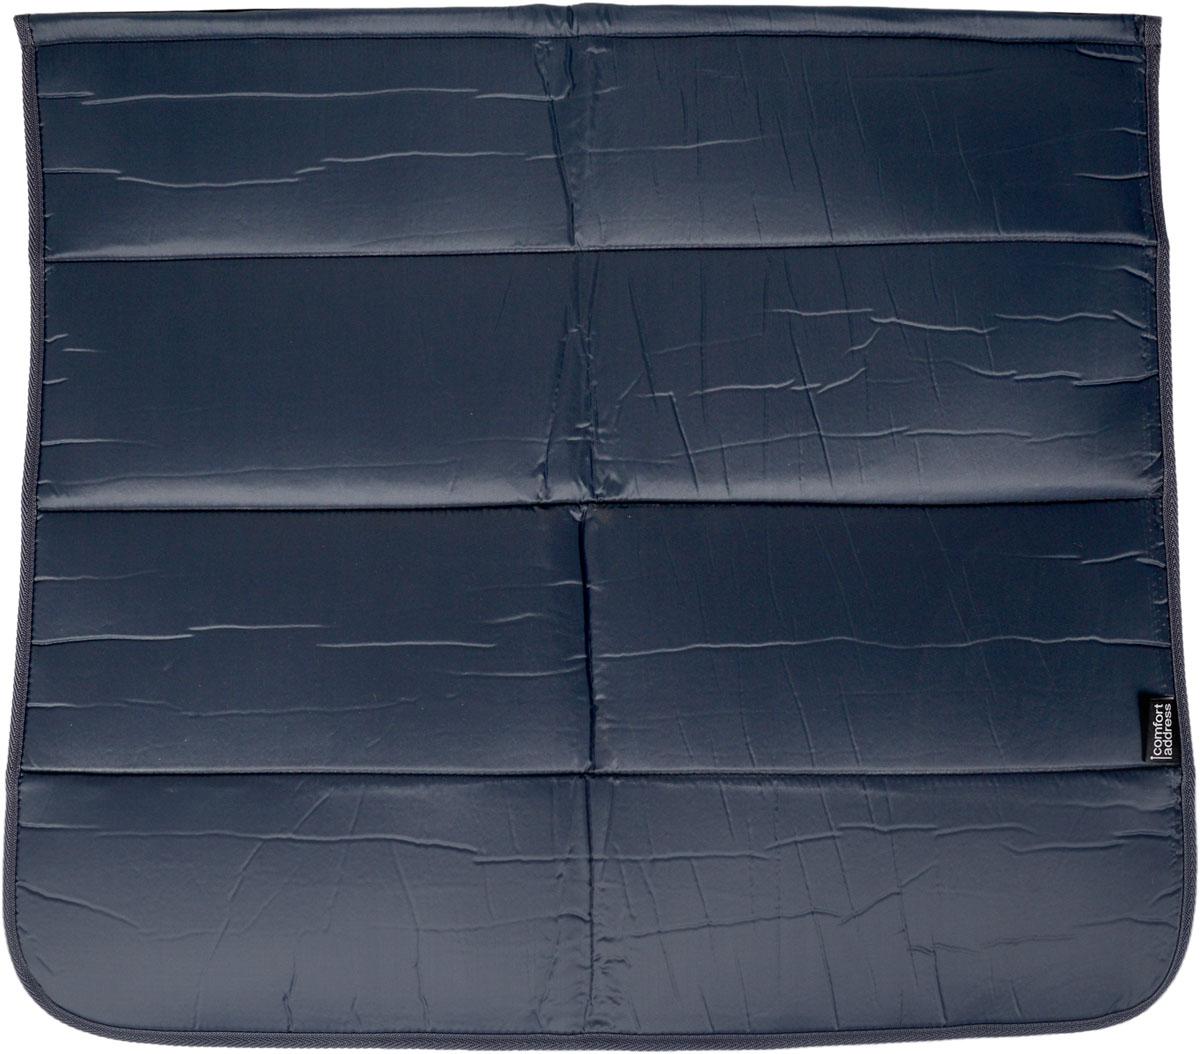 Накидка на бампер Comfort Adress, цвет: серый, 75 х 65 см21395599Накидка на бампер Comfort Adress предназначена длязащиты одежды от грязи при погрузке или выгрузке вещейиз багажника, при работе в моторном отсеке, во времядолива масла или незамерзающей жидкости. Такженакидку можно использовать при установке домкрата изамене колеса.- Универсальна и проста в установке.- Крепится при помощи липучки.- В сложенном виде занимает всего лишь 15 см. - Обладает водоотталкивающими свойствами, проста вчистке.